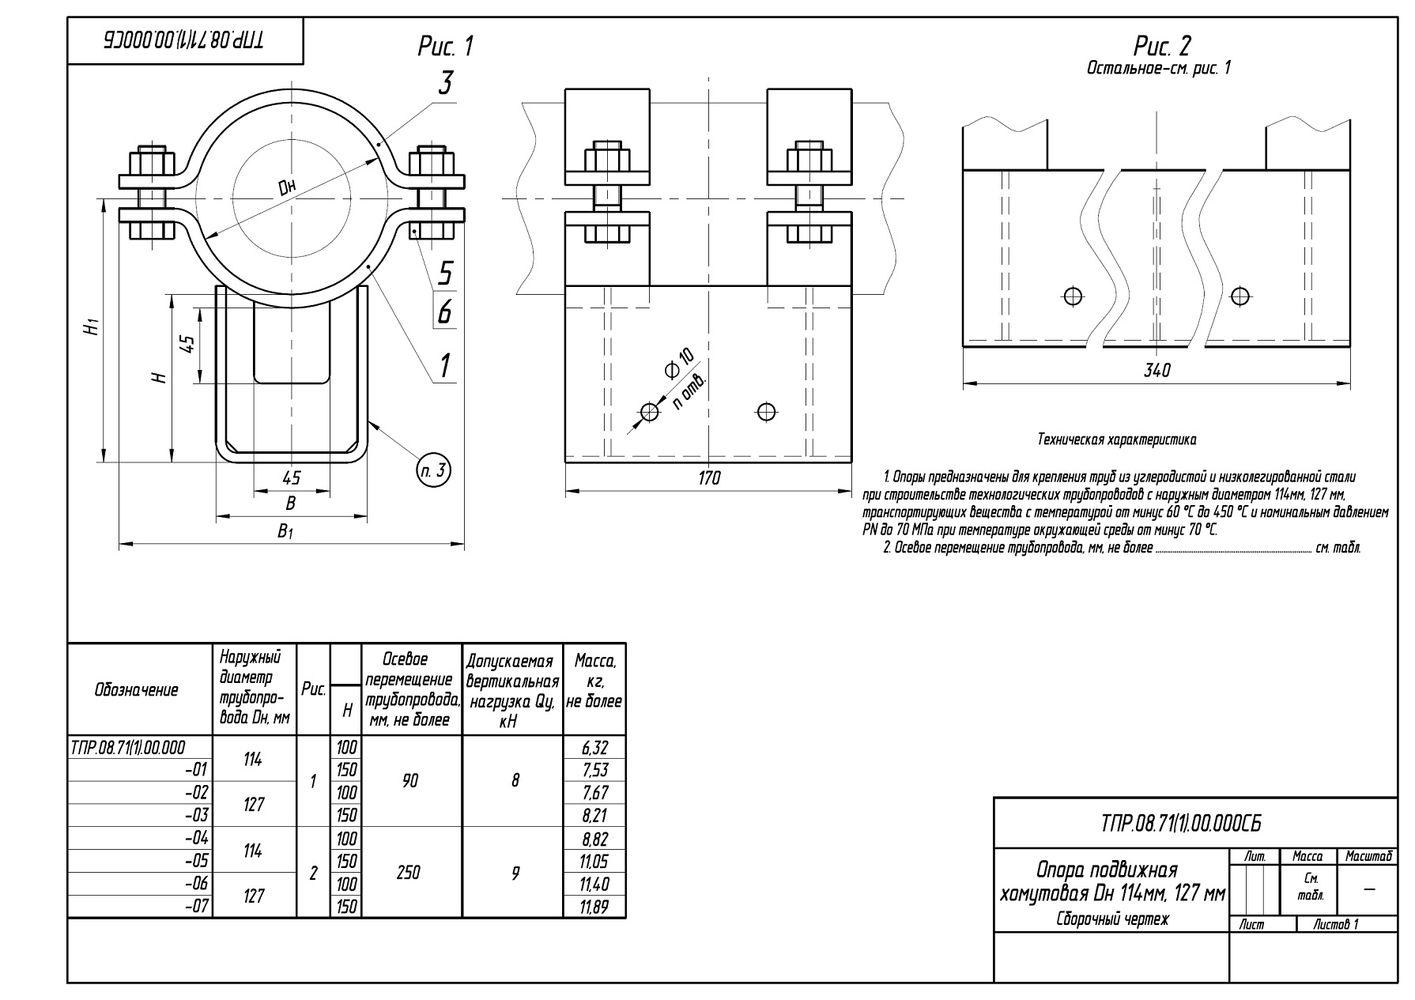 ТПР.08.71(1).00.000 Опоры подвижные хомутовые трубопроводов Дн 114, 127 мм